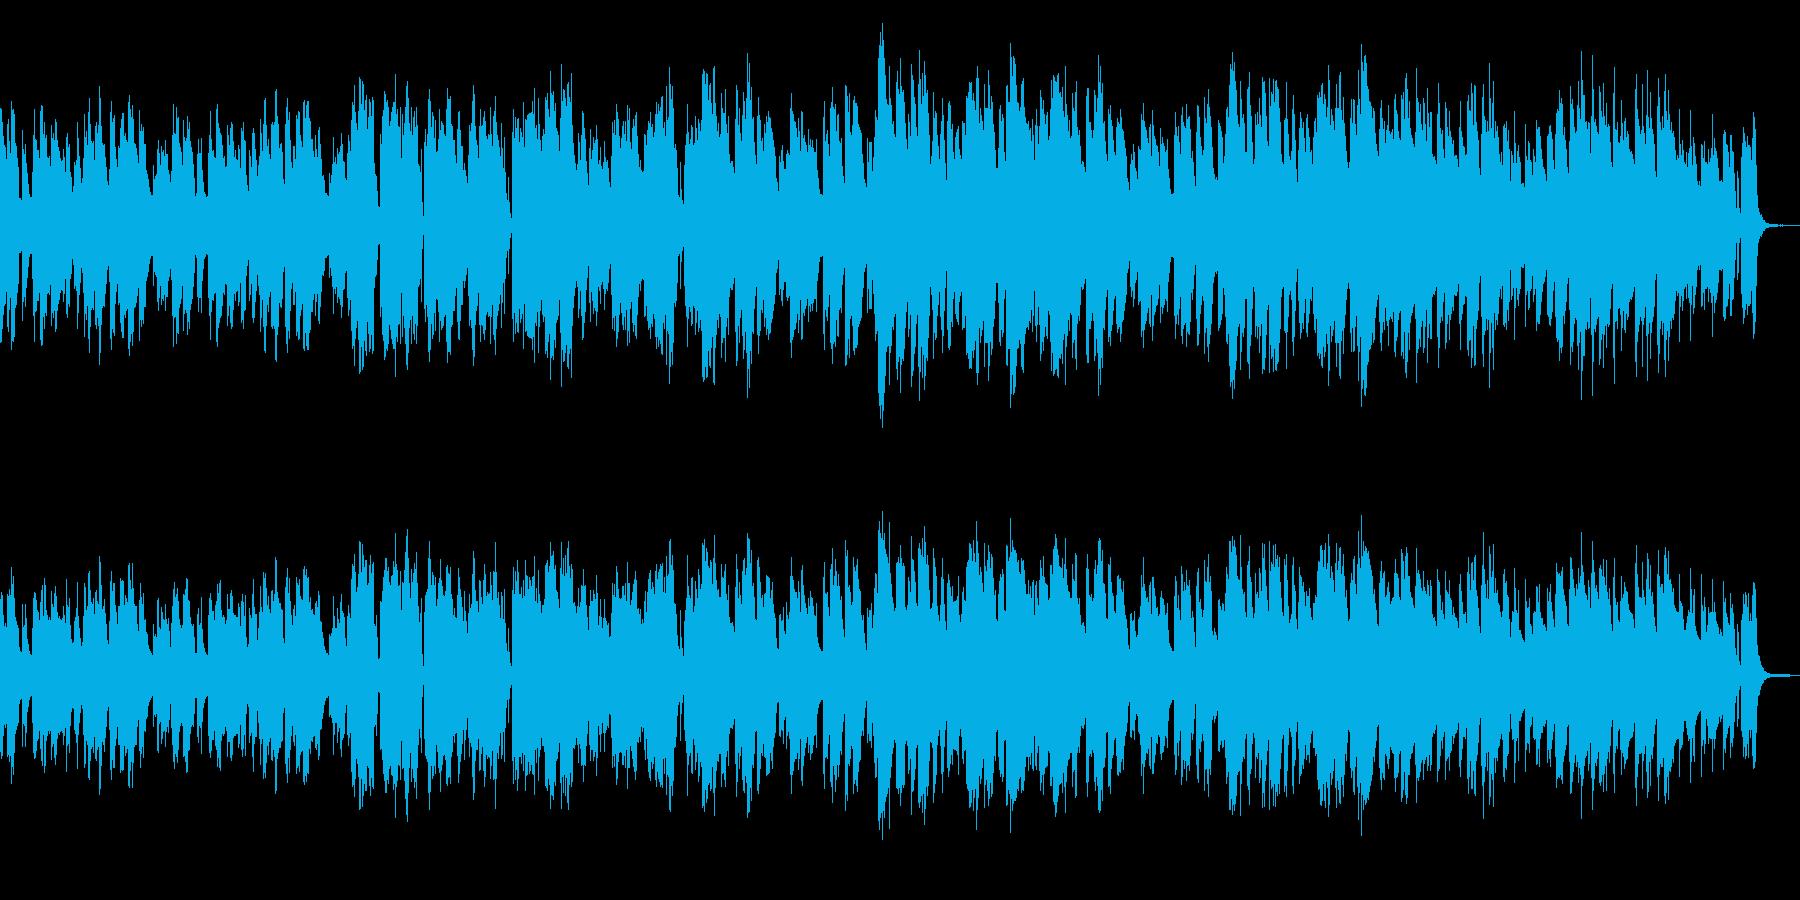 ほのぼの平和なアコギとフルートの再生済みの波形